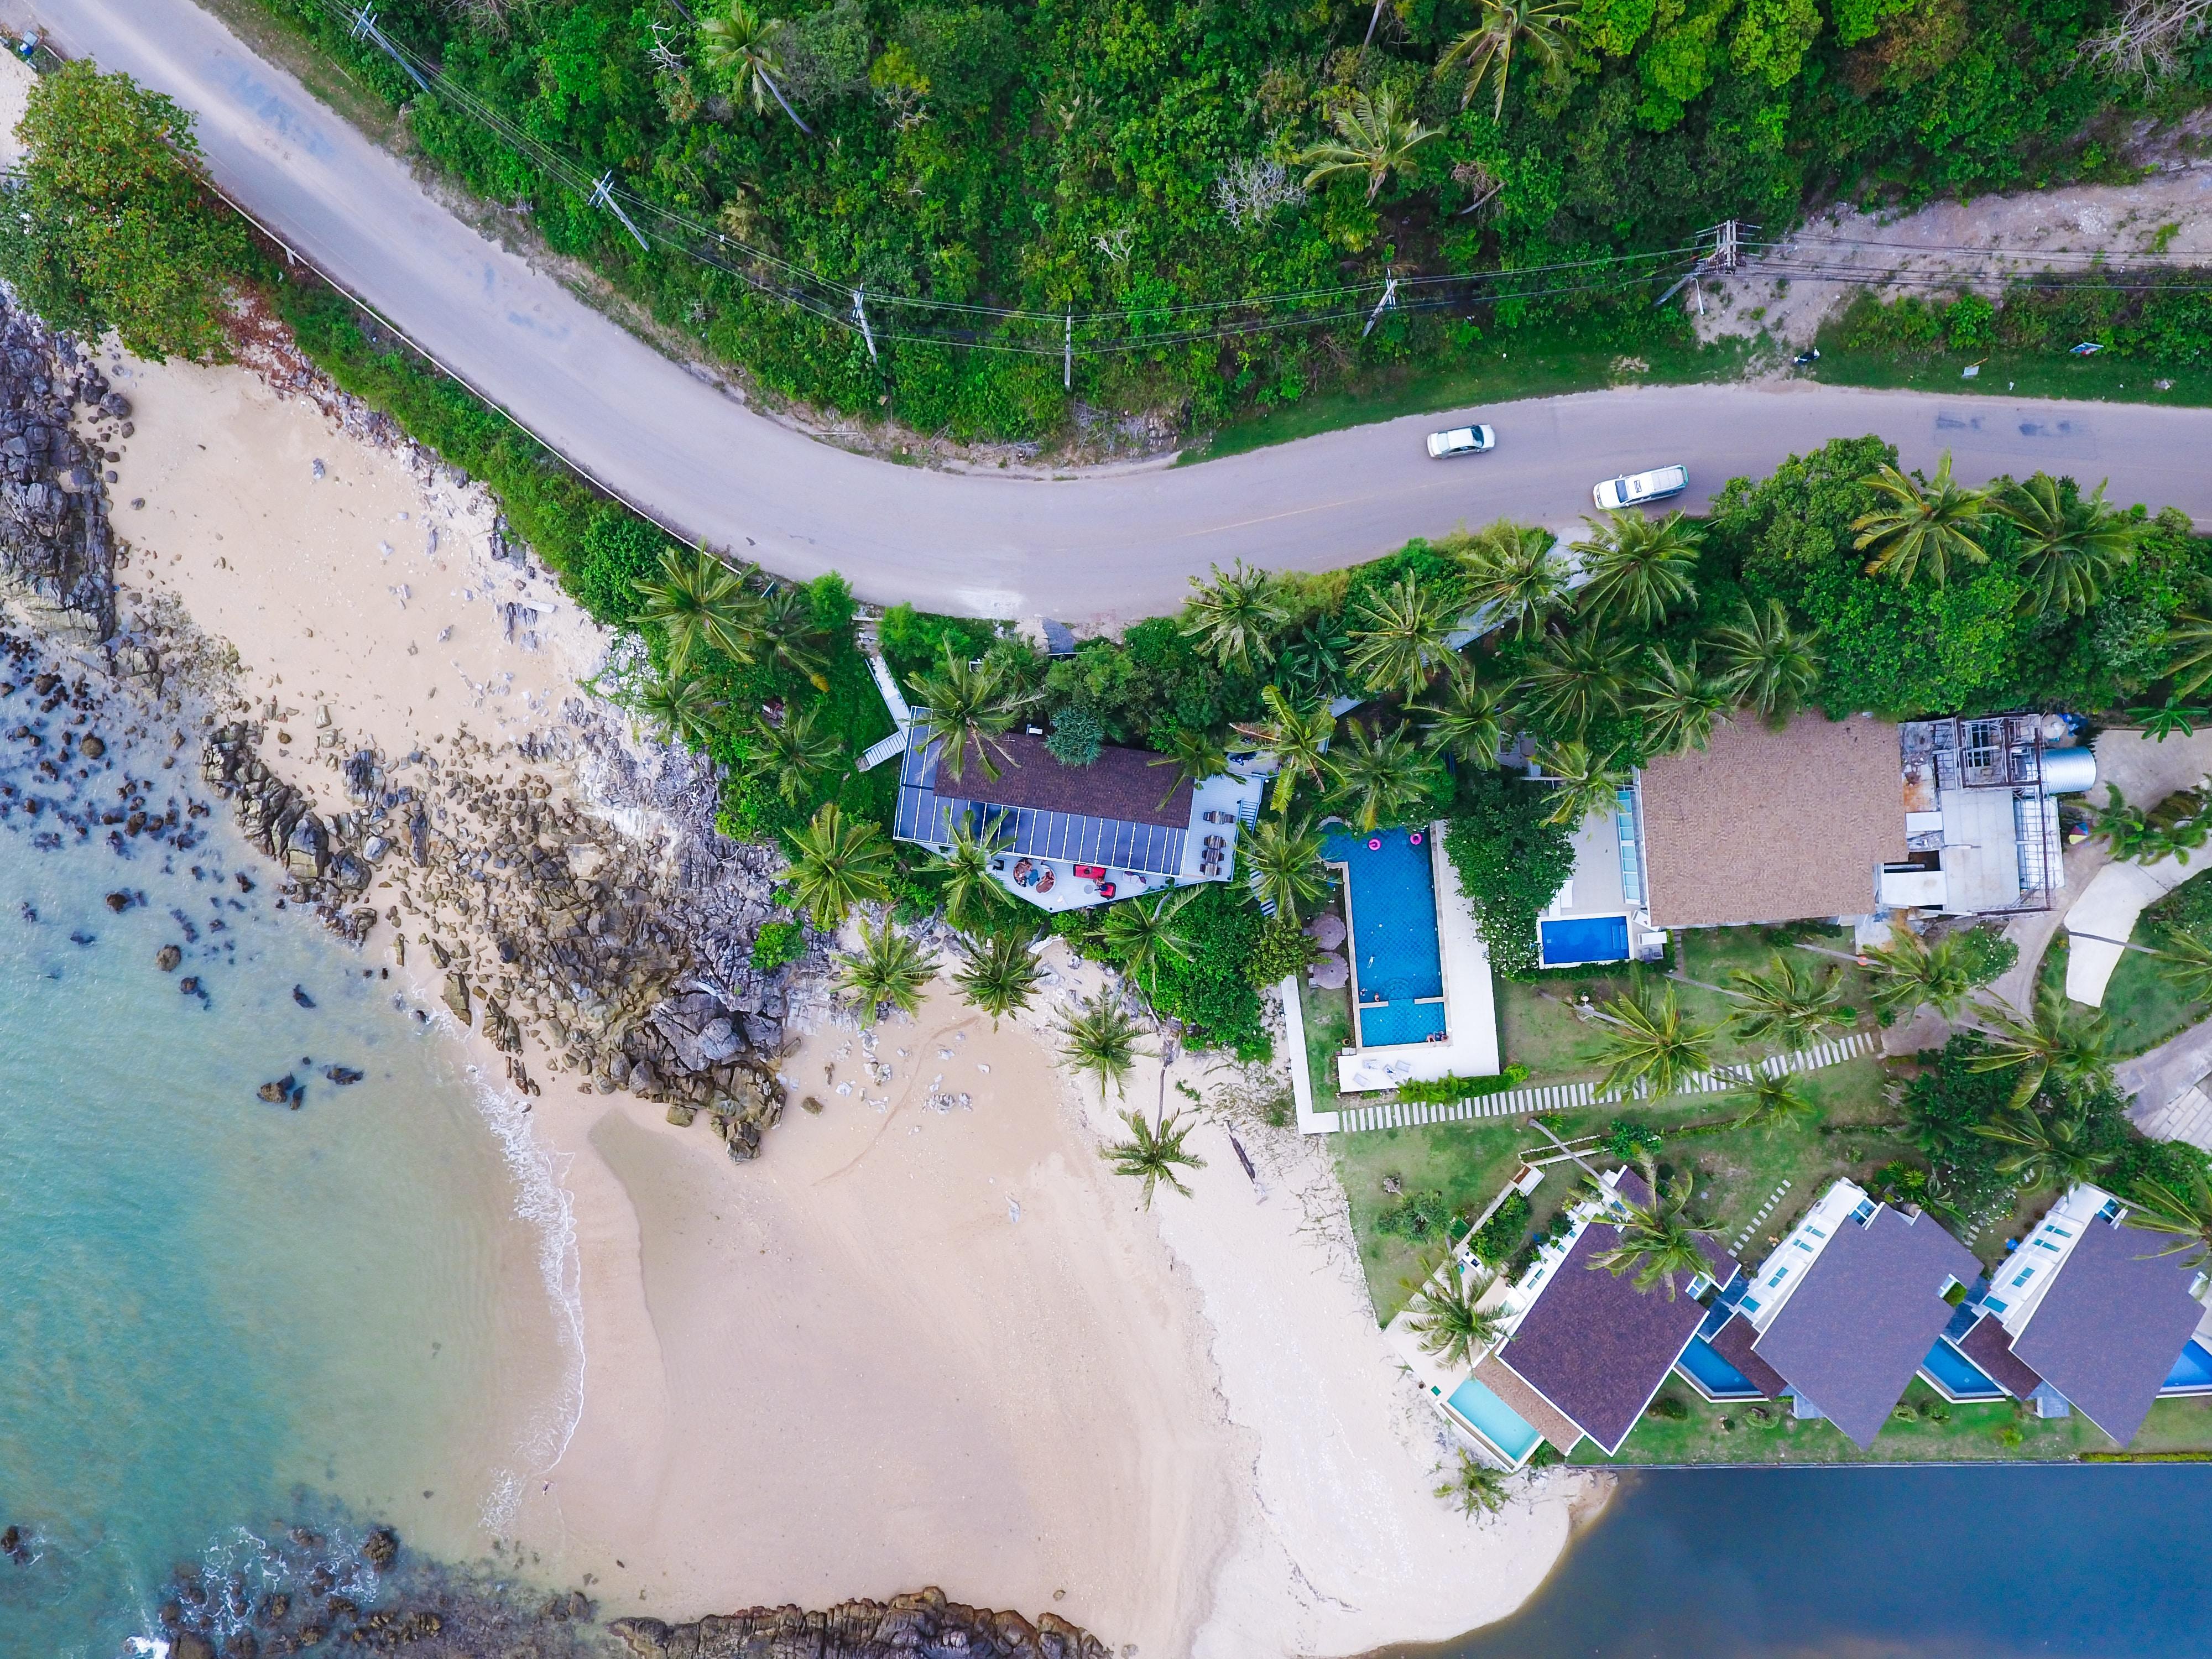 Koh lanta quiet beach in Thailand